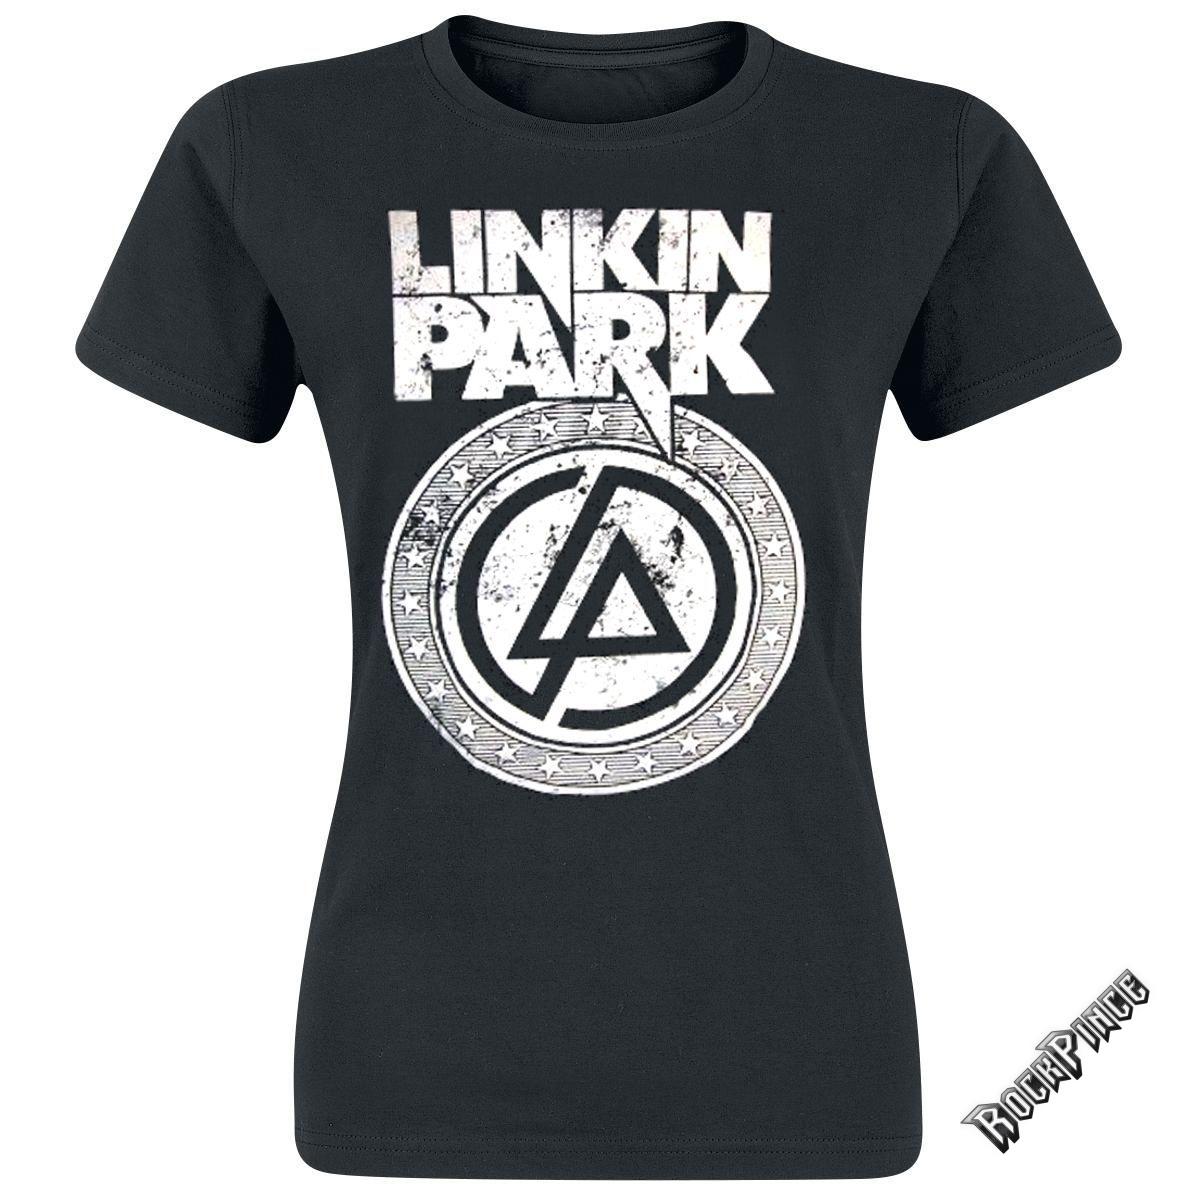 LINKIN PARK - CIRCLE LOGO - NŐI PÓLÓ - Rockpince 53b670c134